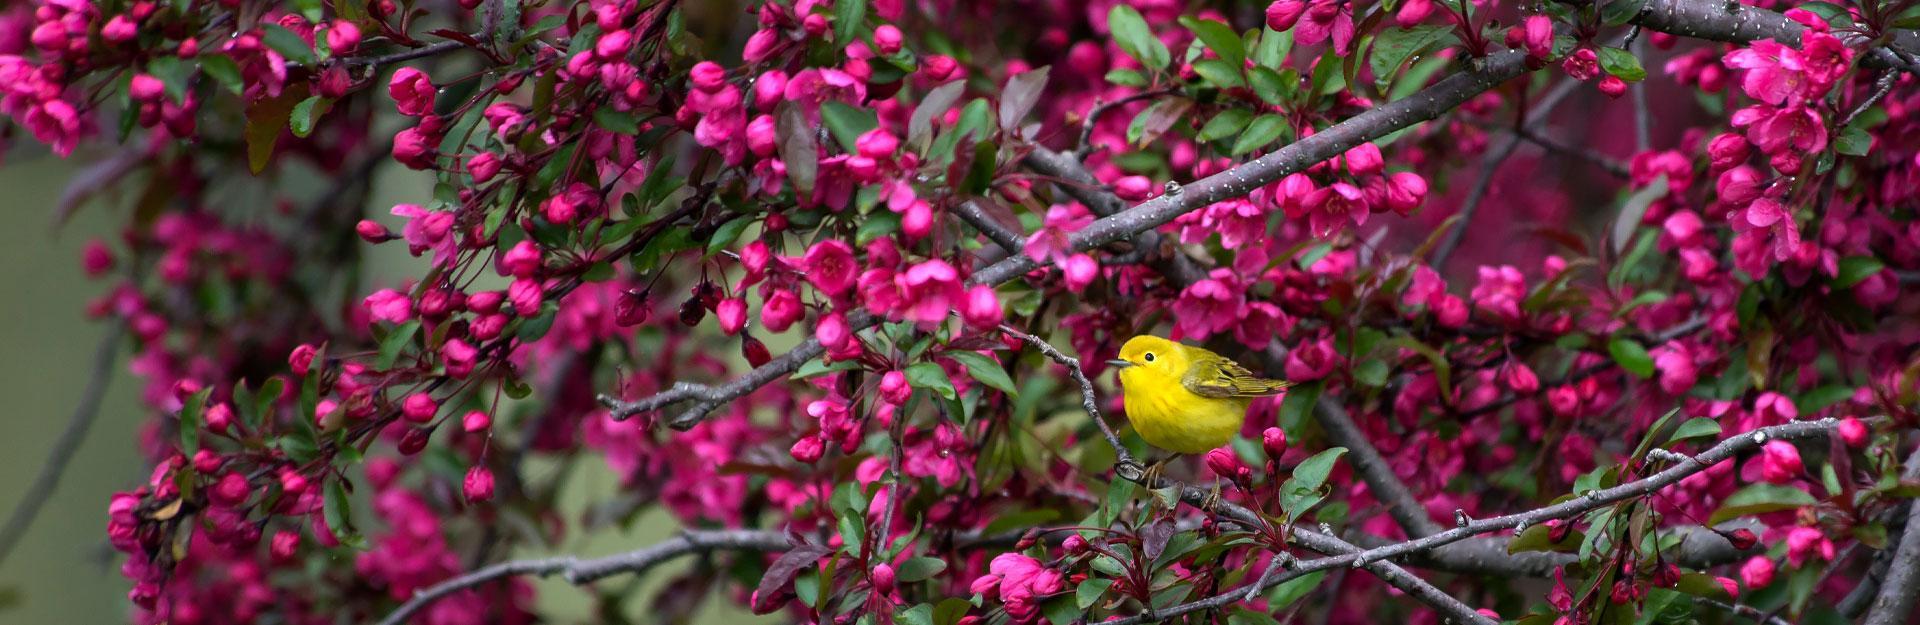 Birding at the Garden